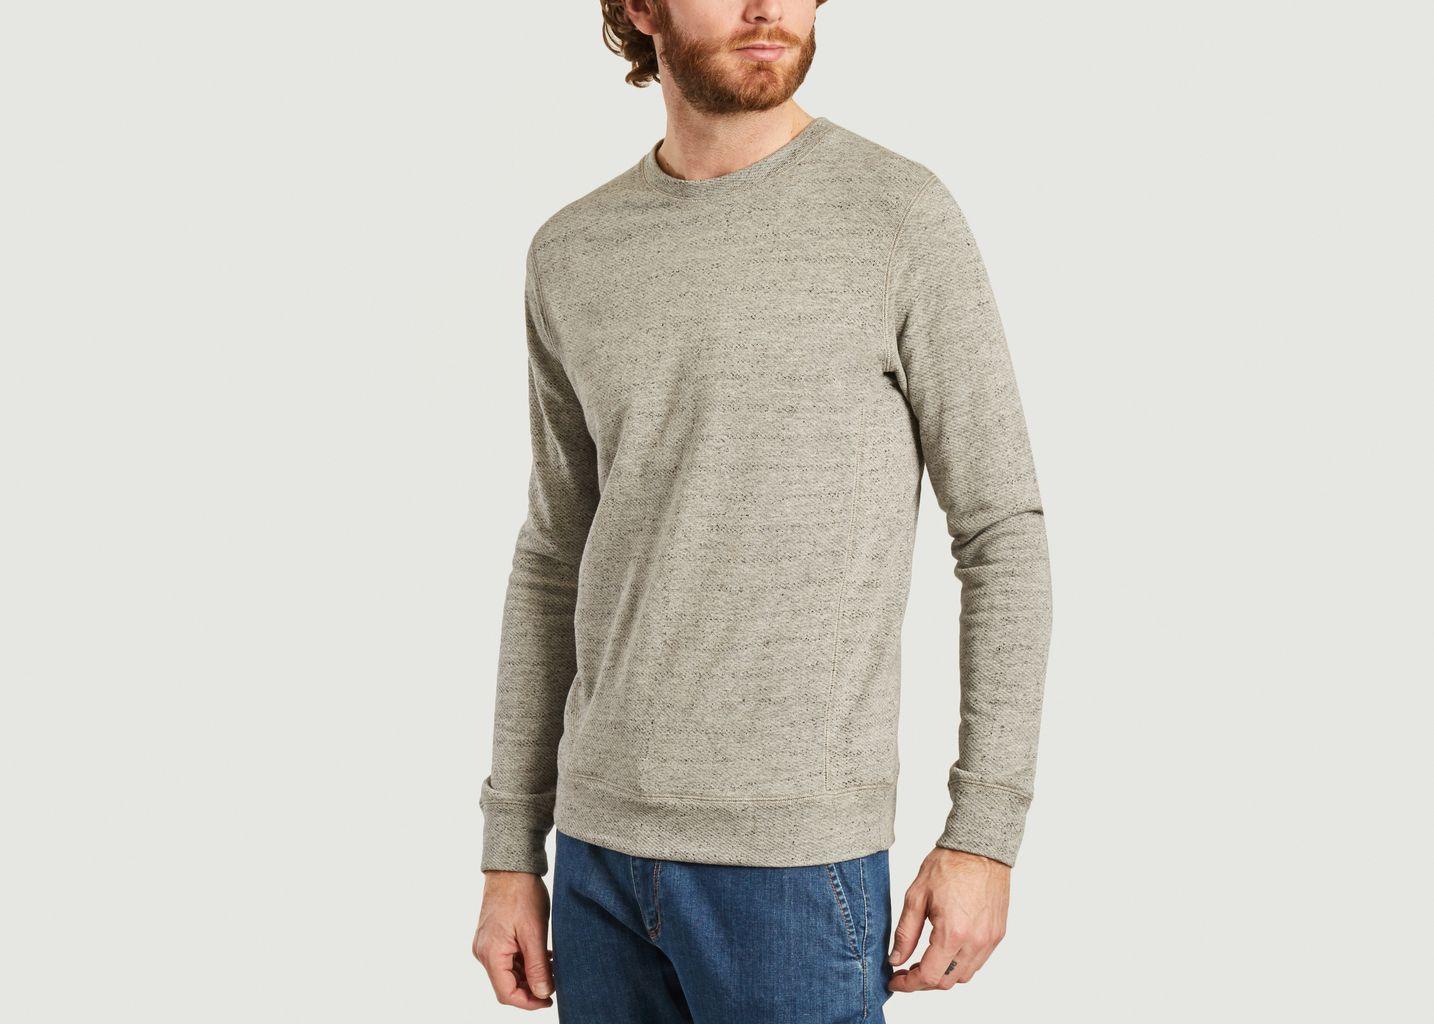 Sweatshirt Geo - SUIT